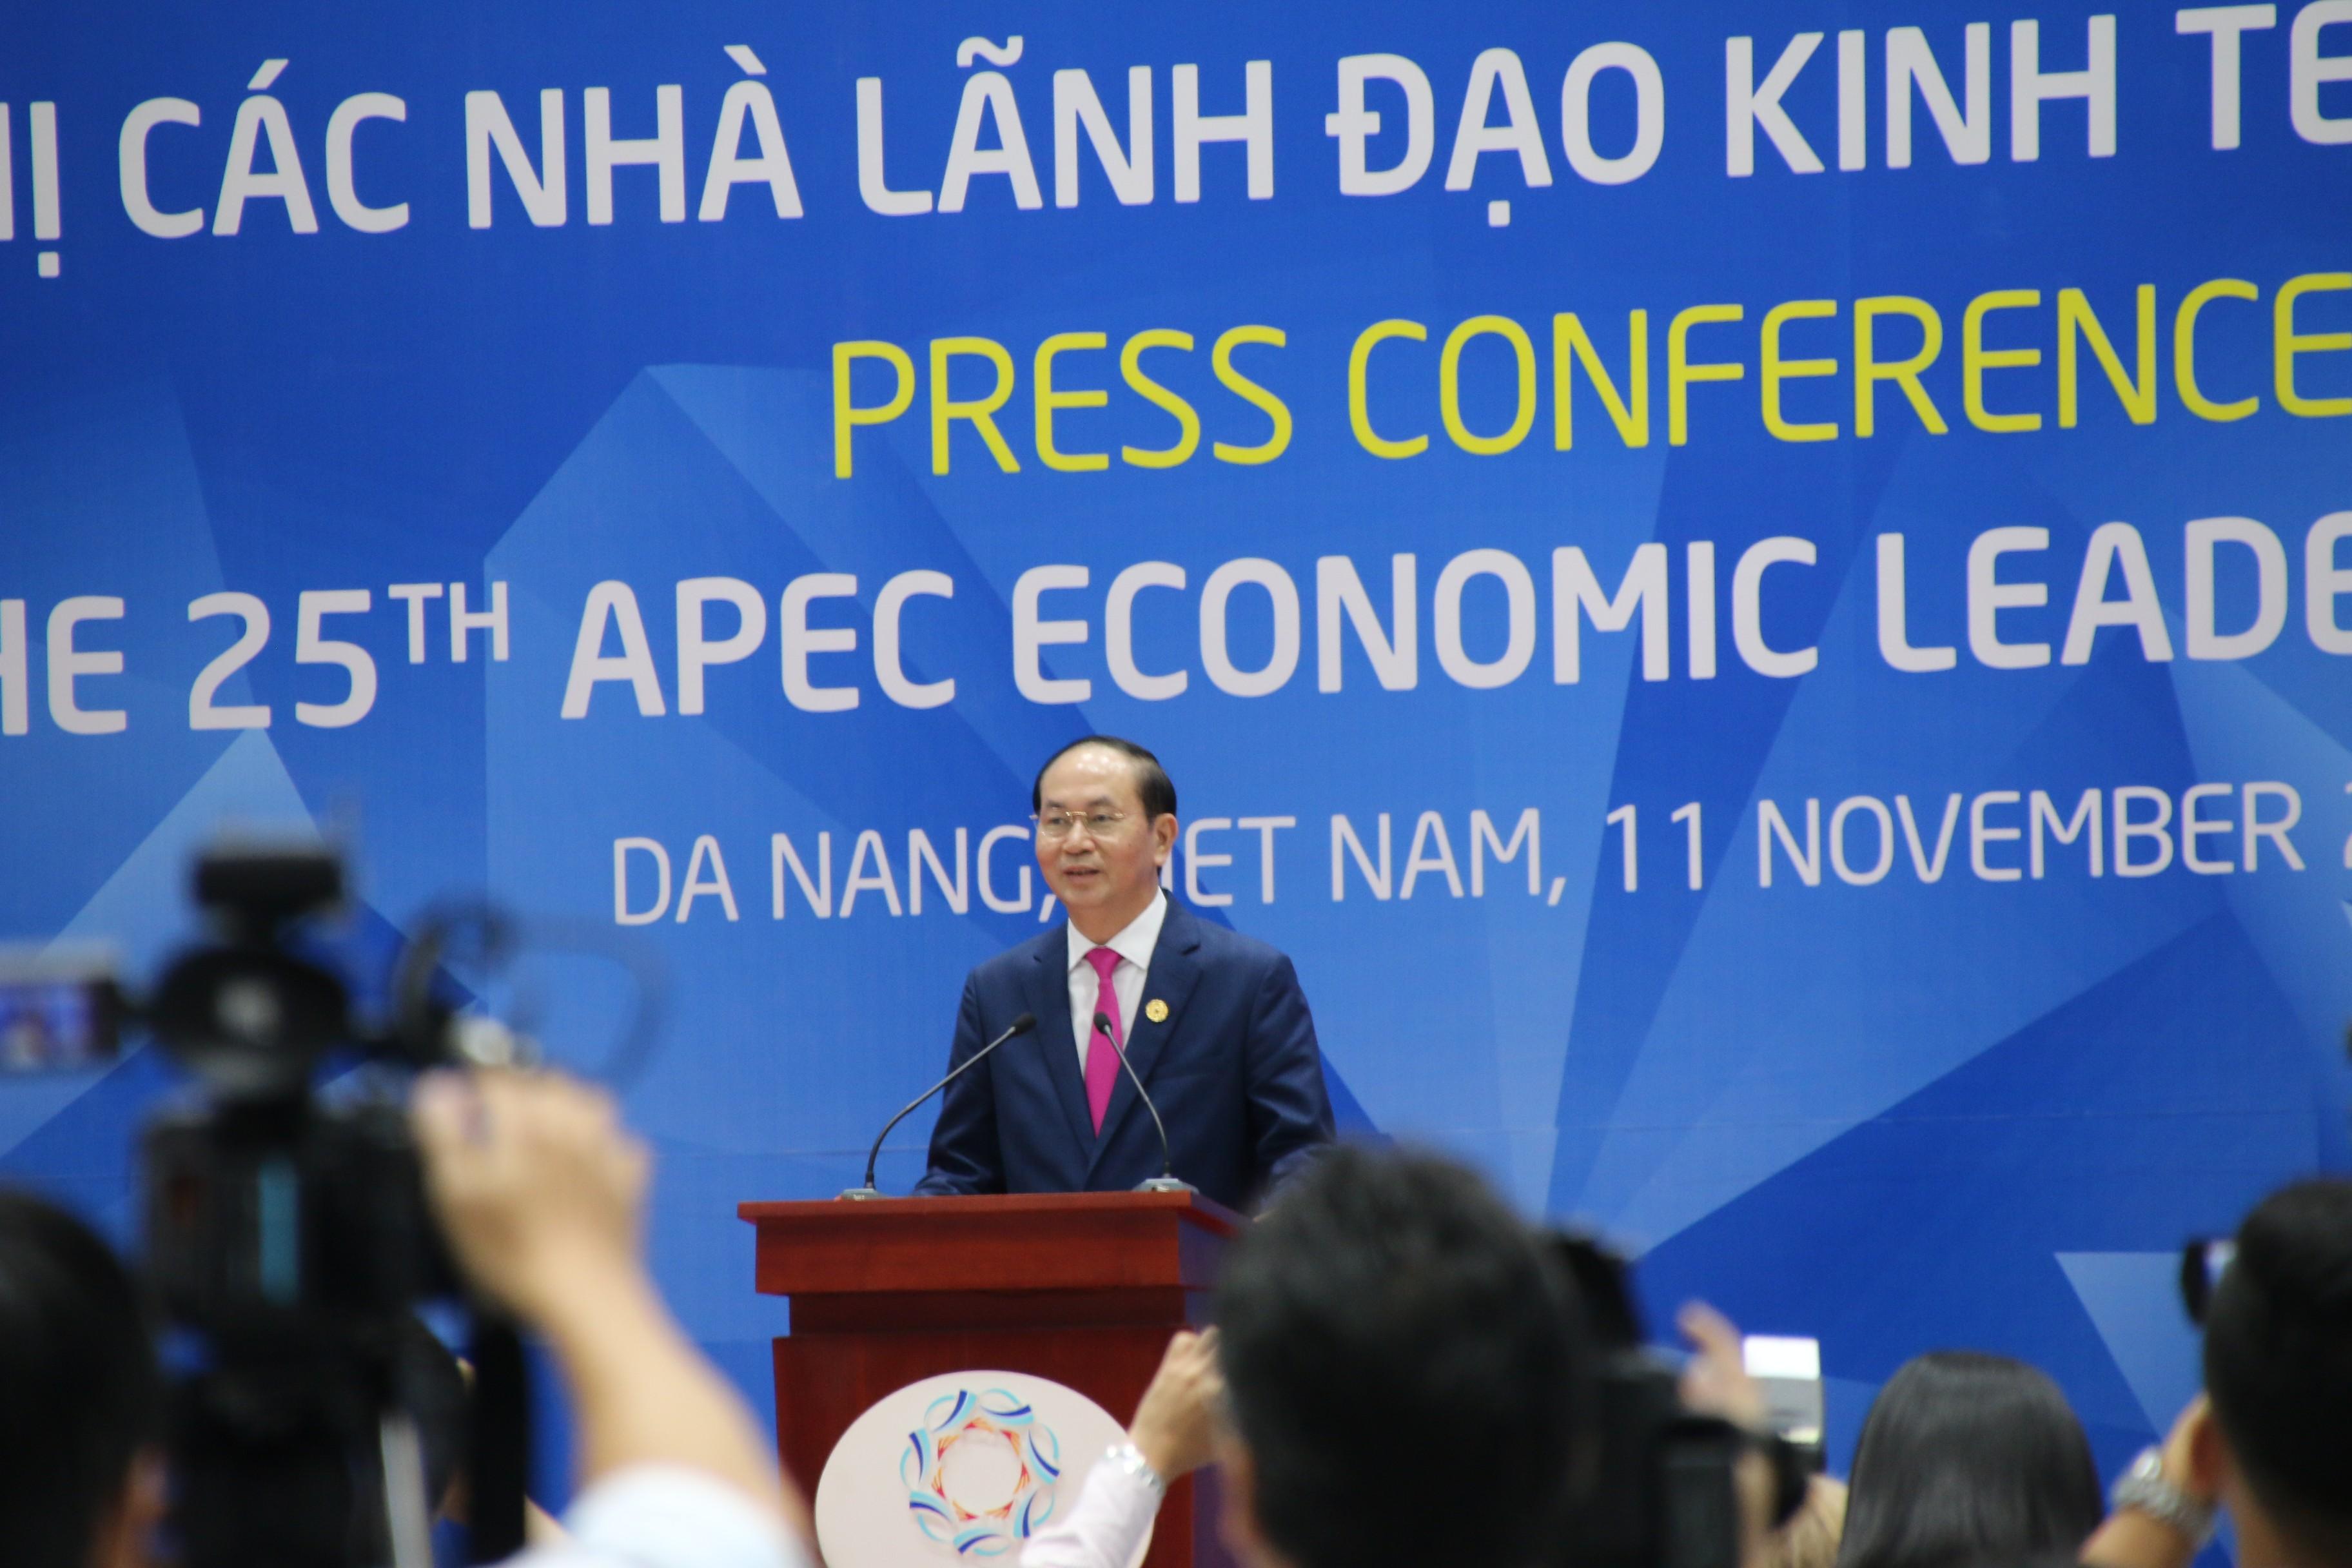 Tin tức - Chính trị - Chủ tịch nước: APEC đã thành công tốt đẹp (Hình 2).